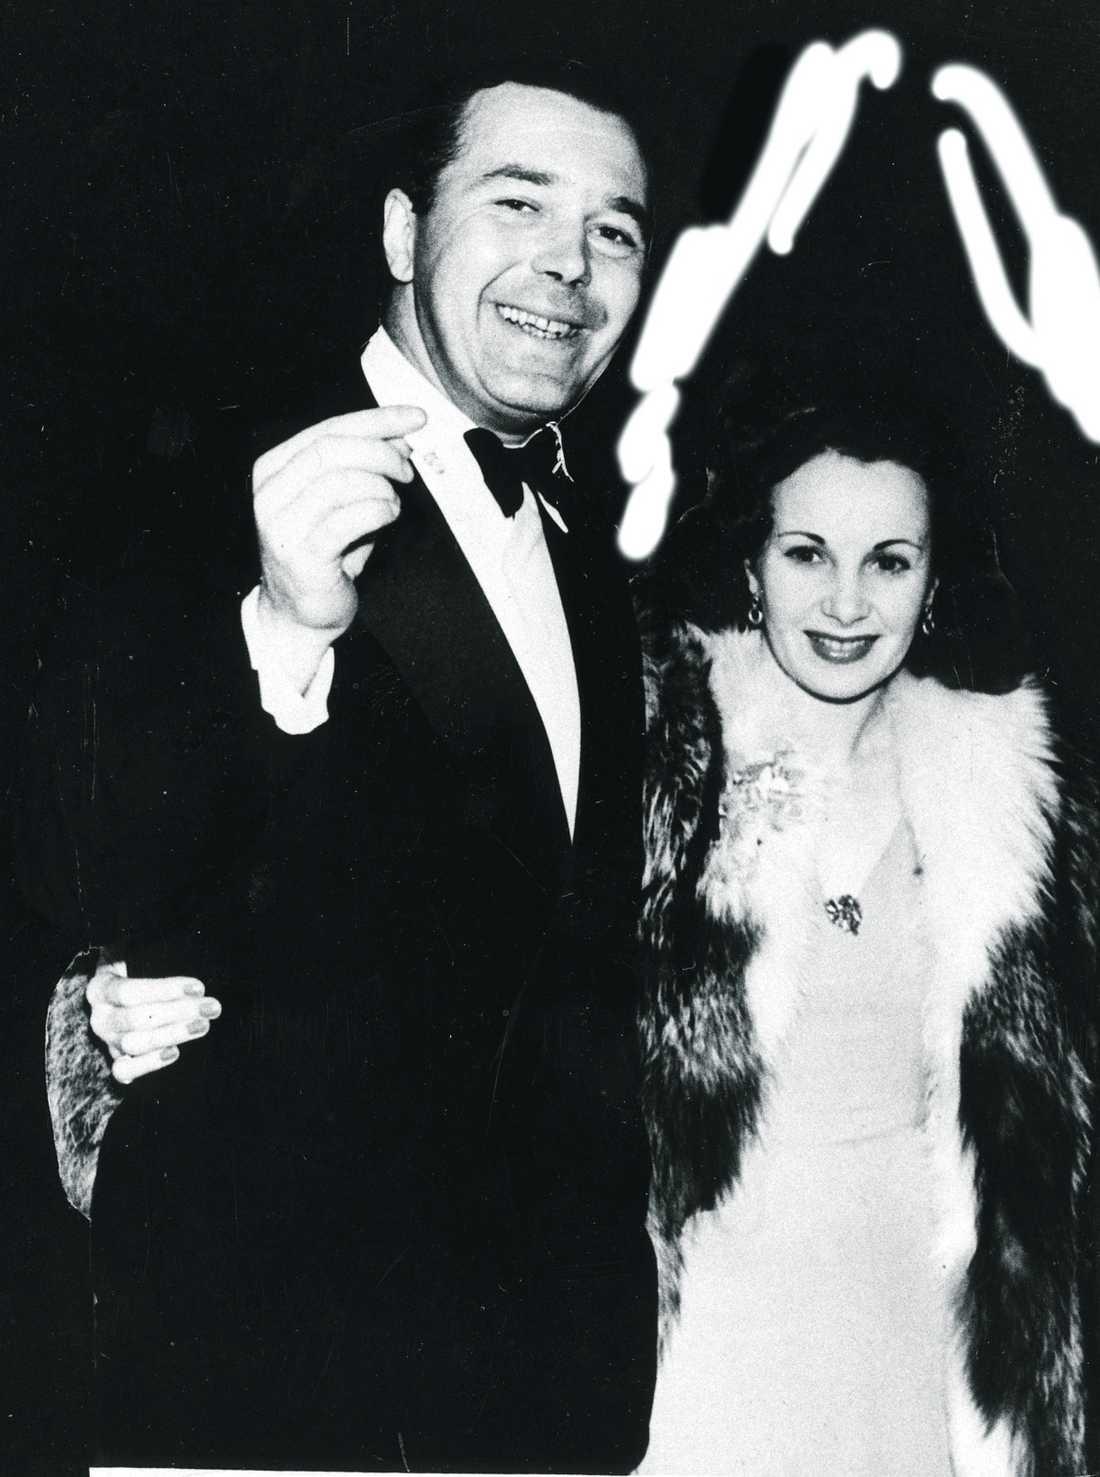 Det här är en av de få bilderna på prinsessan Lilian och prins Bertil som unga. Den är tagen på 40-talet i London, där paret först träffades.